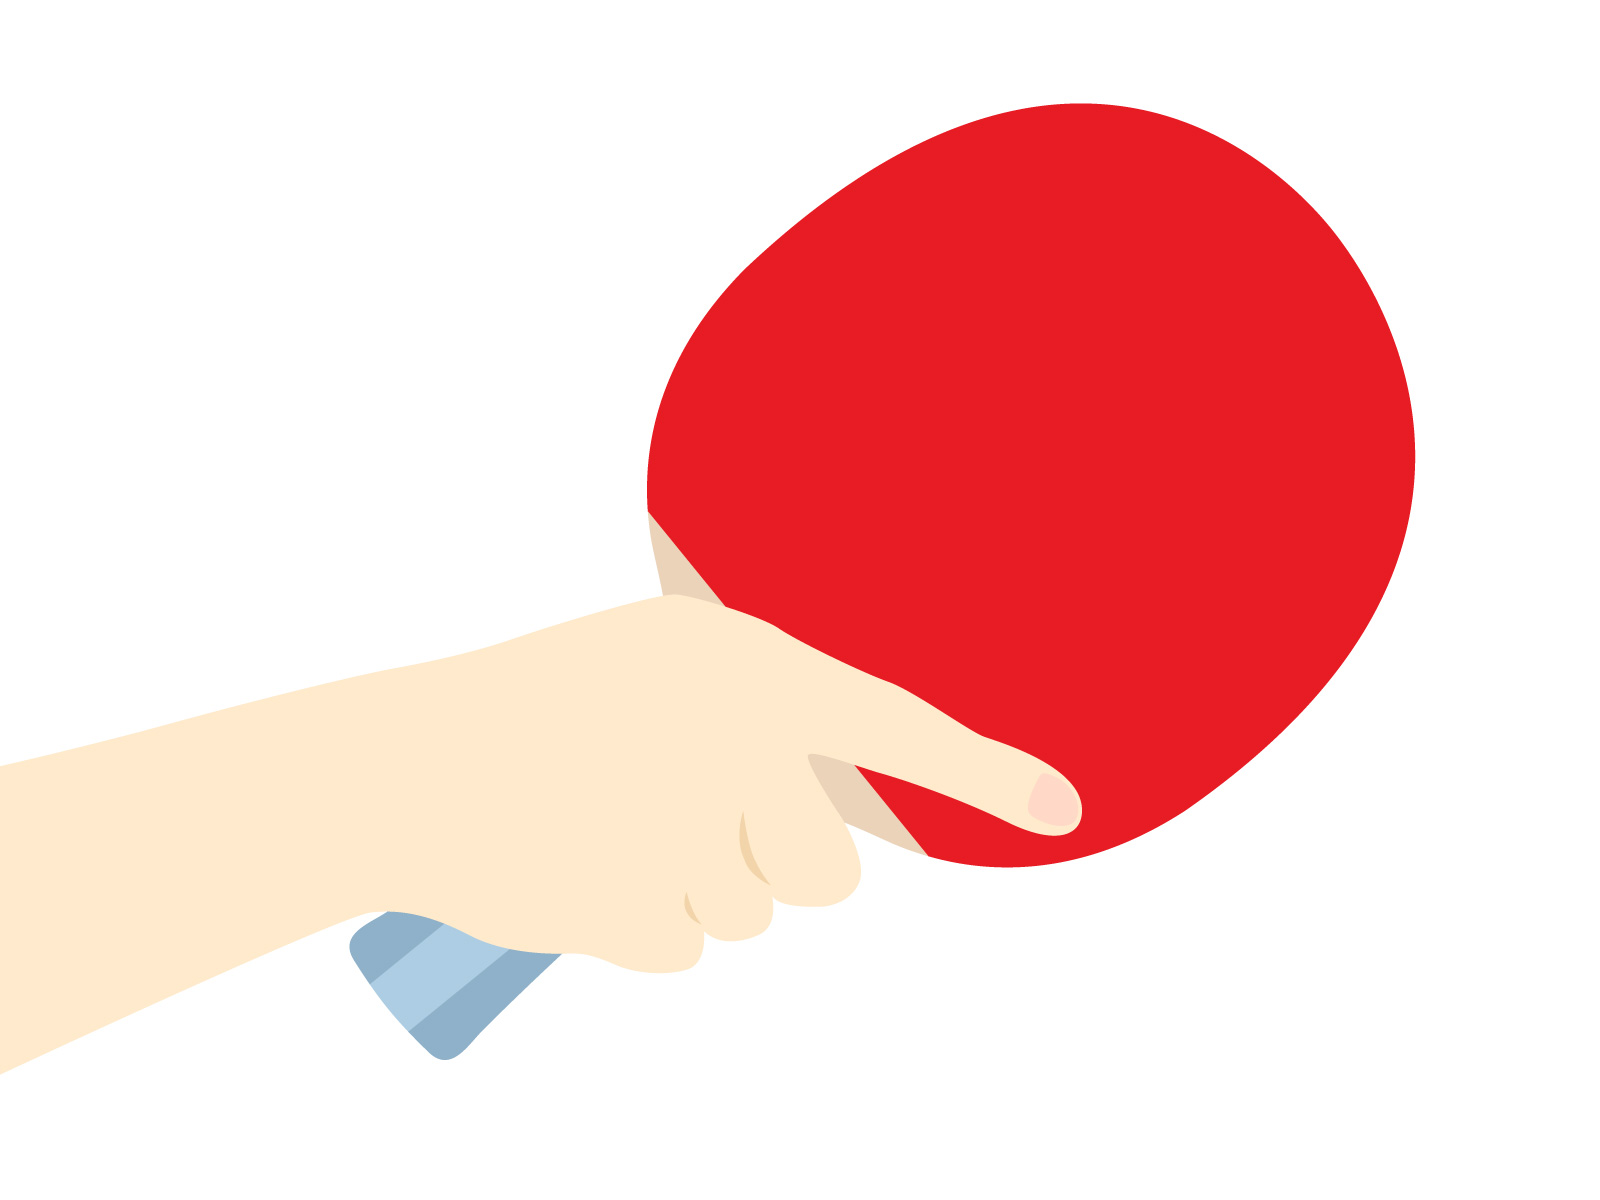 卓球ラケットの持ち方。シェークハンドとペンホルダーの違いと特徴。